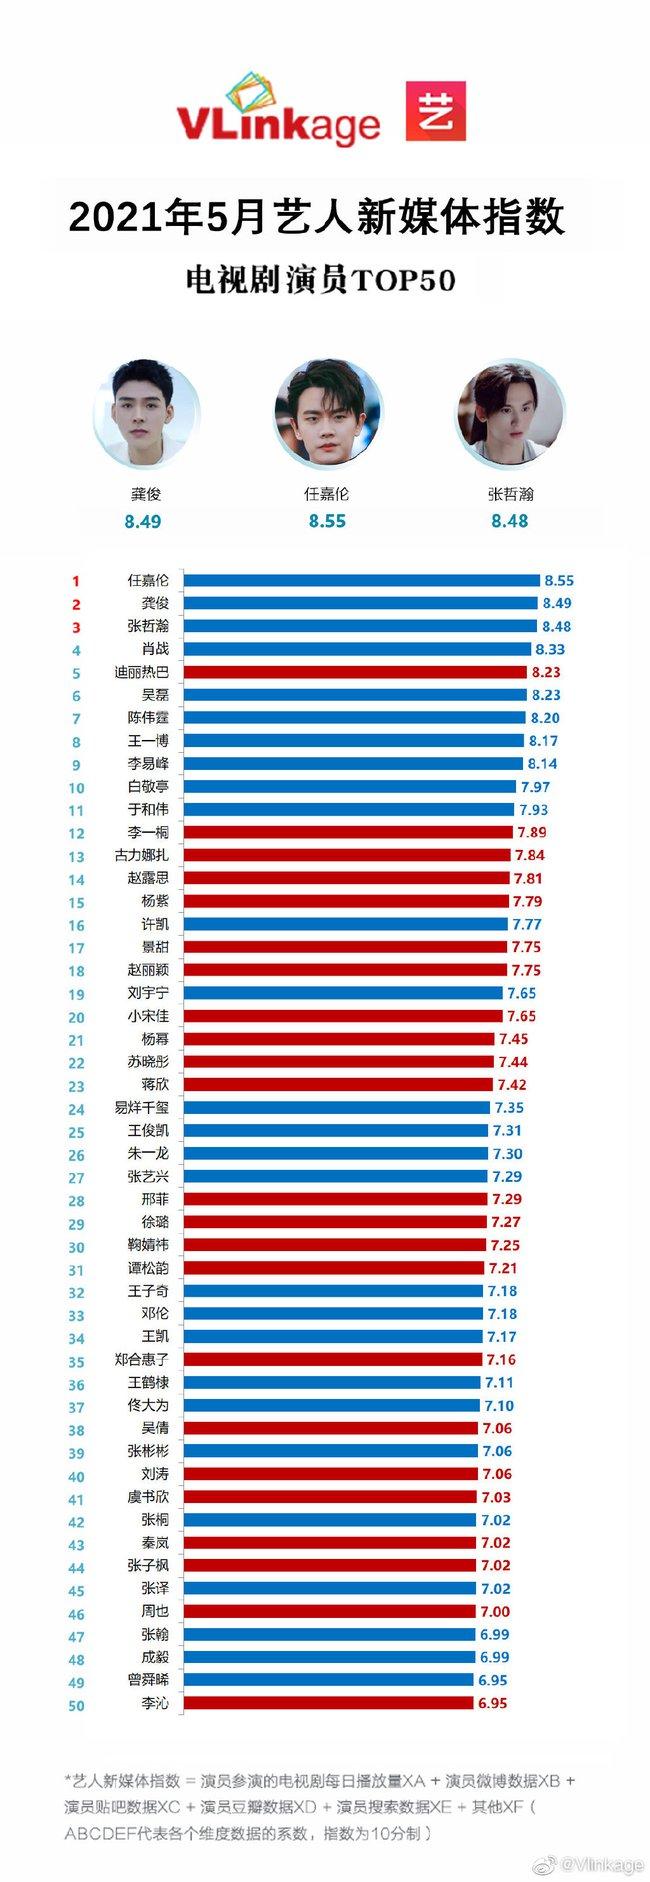 Chỉ số truyền thông của các sao Cbiz tháng 5: Địch Lệ Nhiệt Ba là sao nữ duy nhất lọt top 10, Tiêu Chiến - Vương Nhất Bác lép vế trước sao nam này - Ảnh 1.